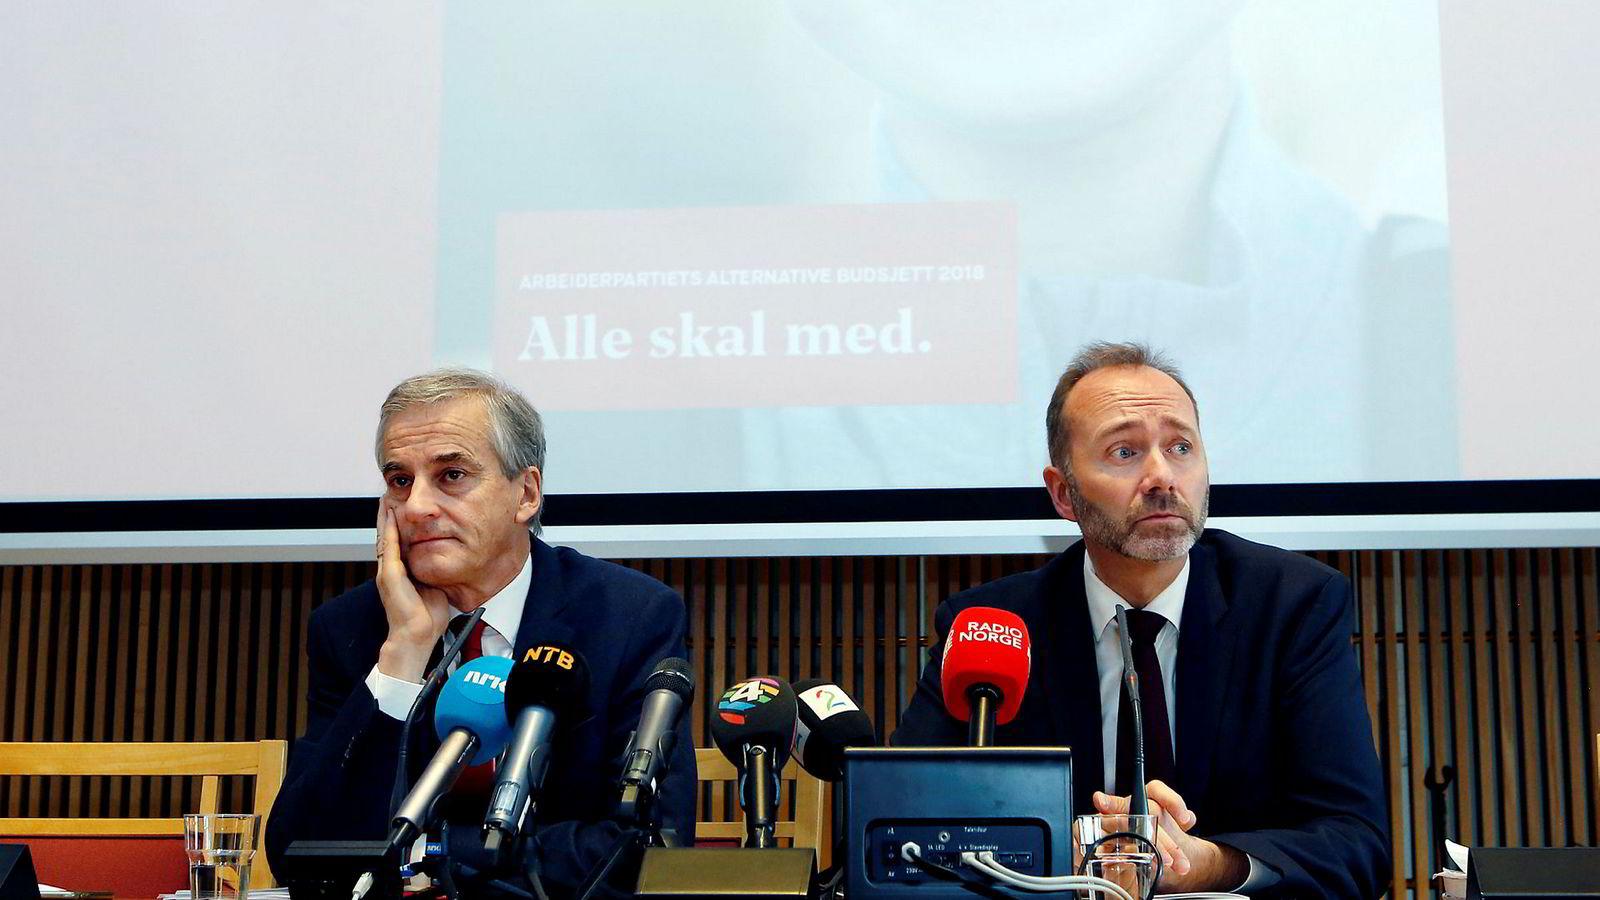 Arbeiderpartiets leder Jonas Gahr Støre og Trond Giske la i november 2017 sammen frem Aps alternative statsbudsjett for 2018. Én måned senere ble varslingssakene mot Trond Giske kjent.